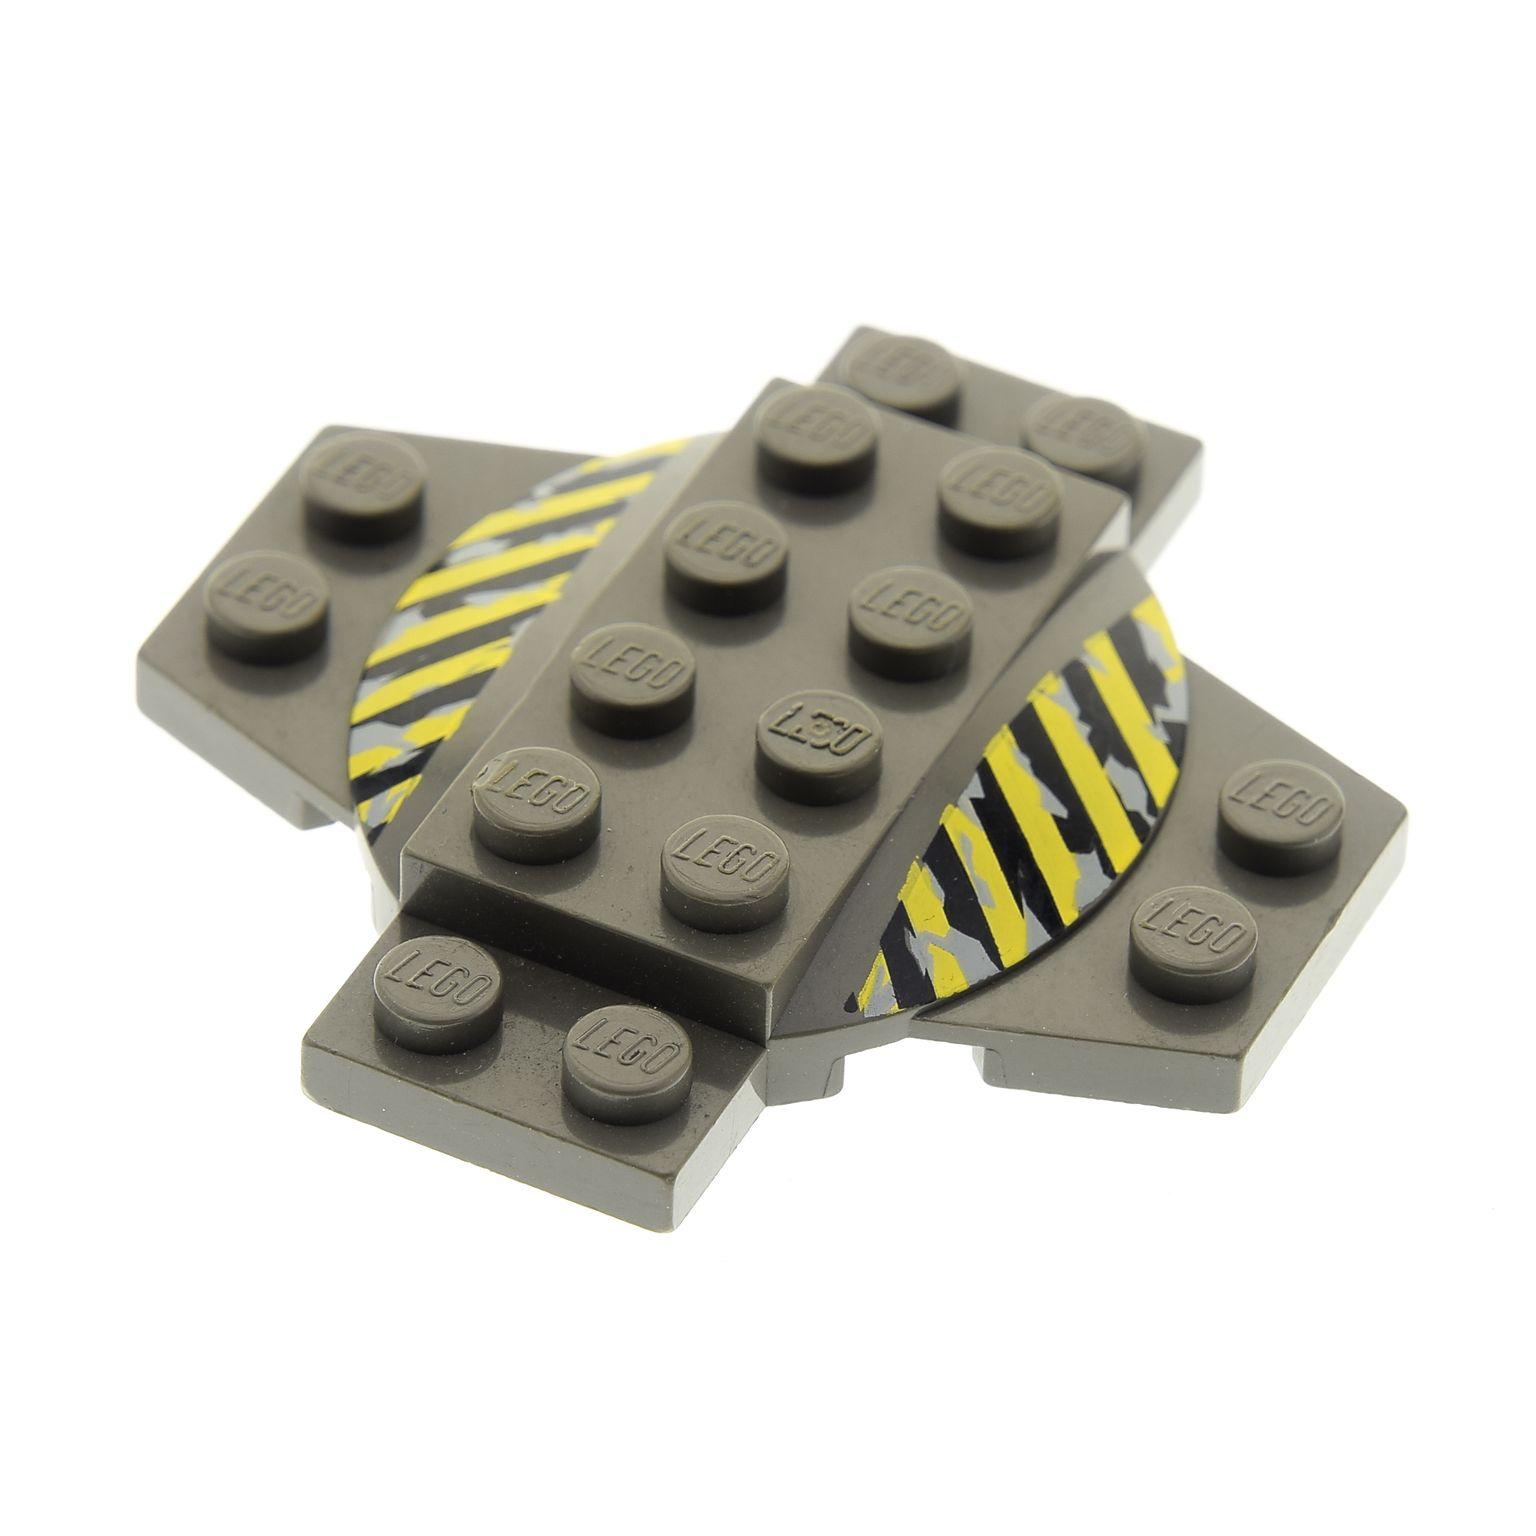 1 x Lego Kreuz Platte alt-dunkel grau  6x6  2//3 bedruckt Streifen 4980 30303pb01